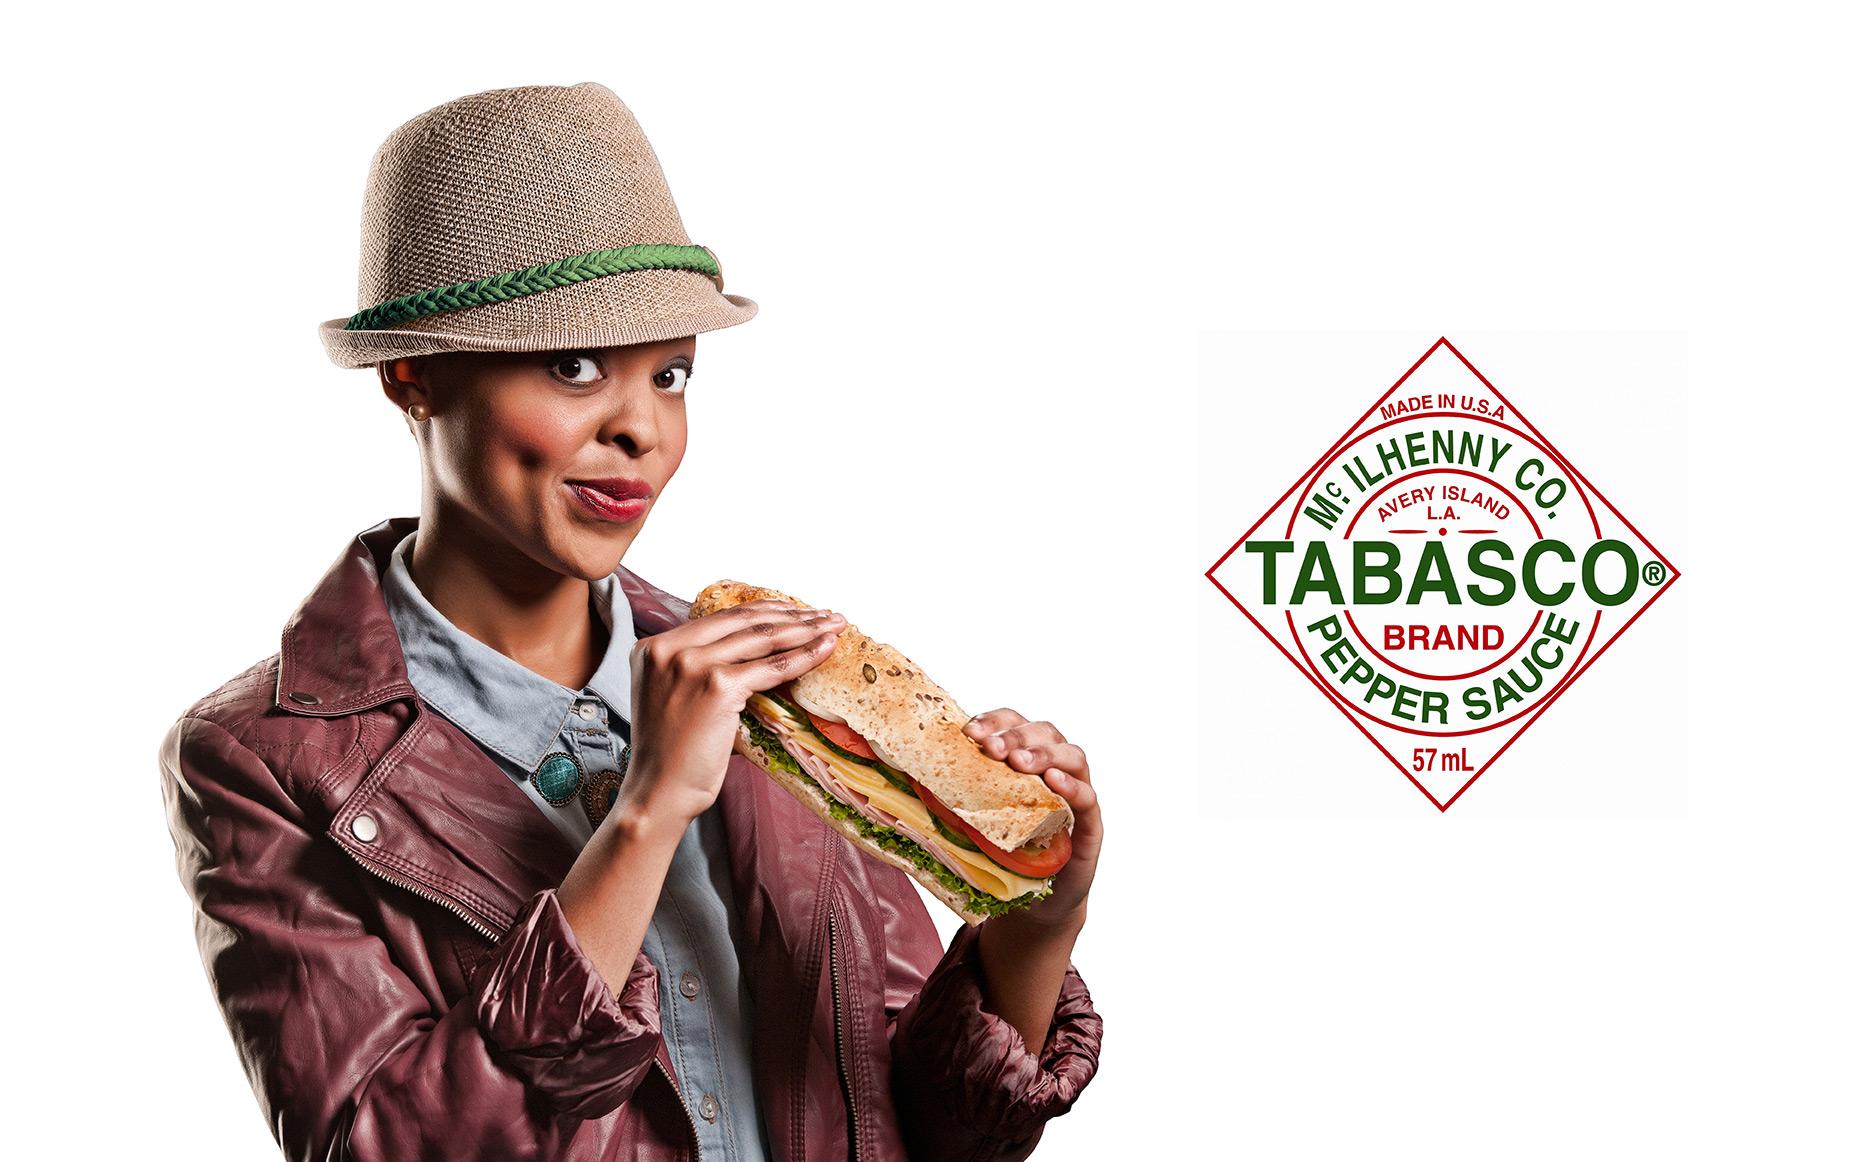 Tabasco Ad Campaign